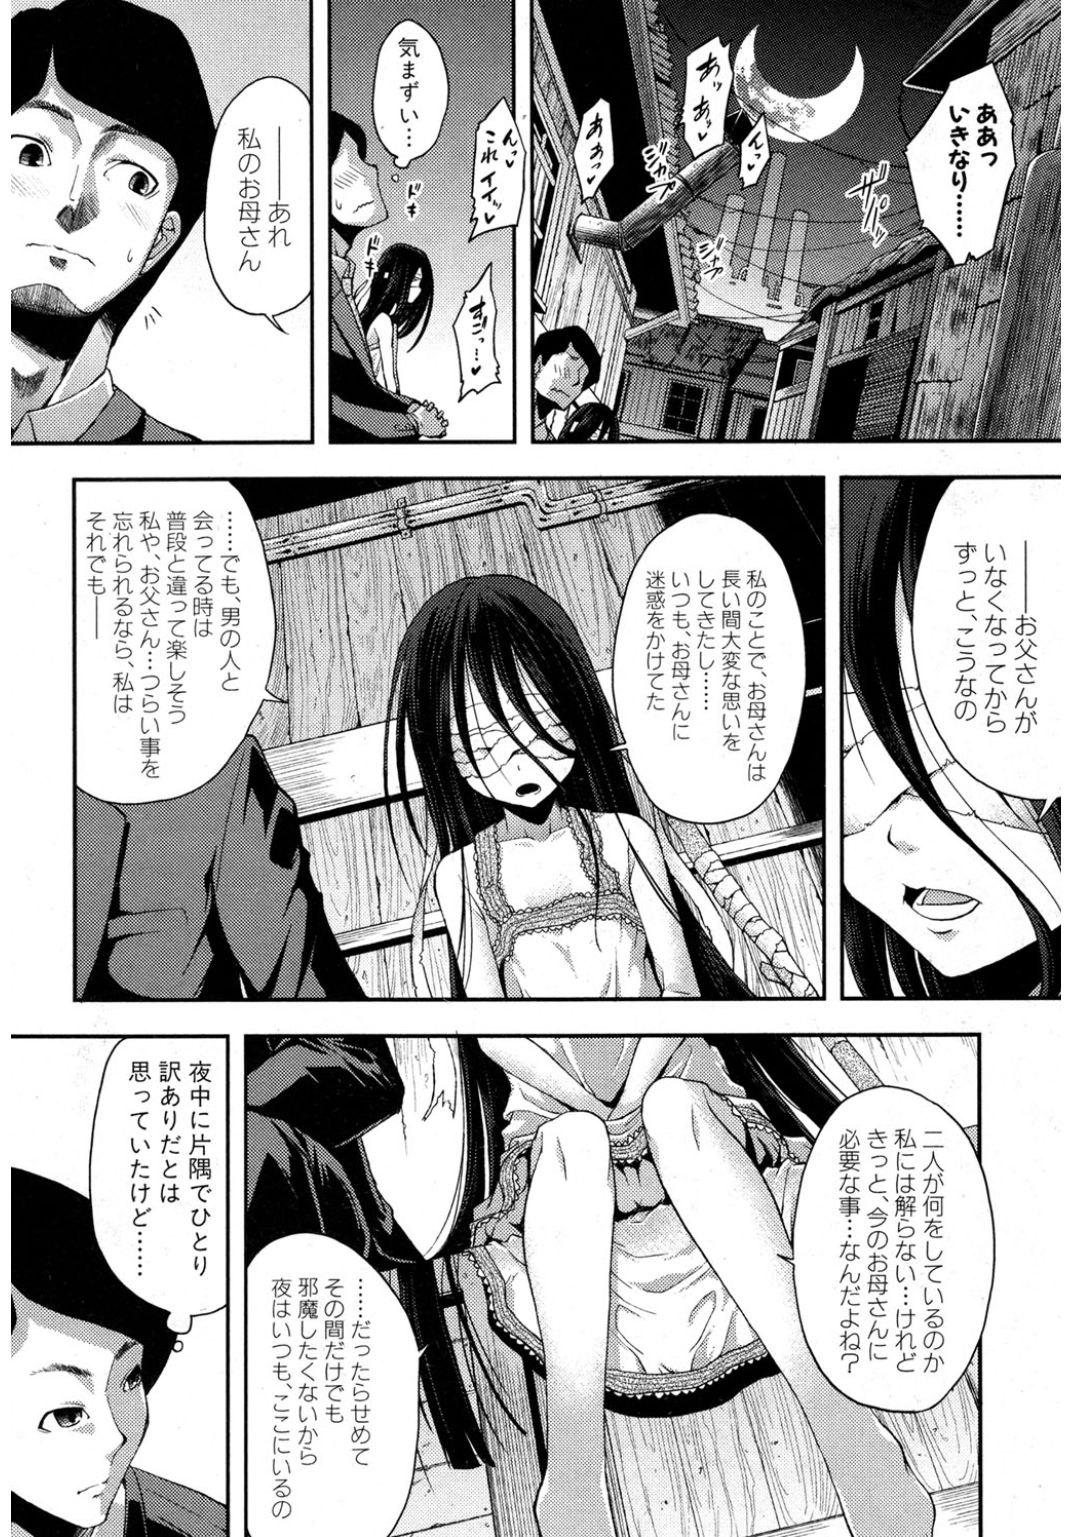 【エロ漫画・同人誌】目の不自由な少女と出会ってセックスを含めた触れ合いの中で仕事の目標を見つけて、無事に仕事が進んだことを報告しに行ったものの・・・ 008